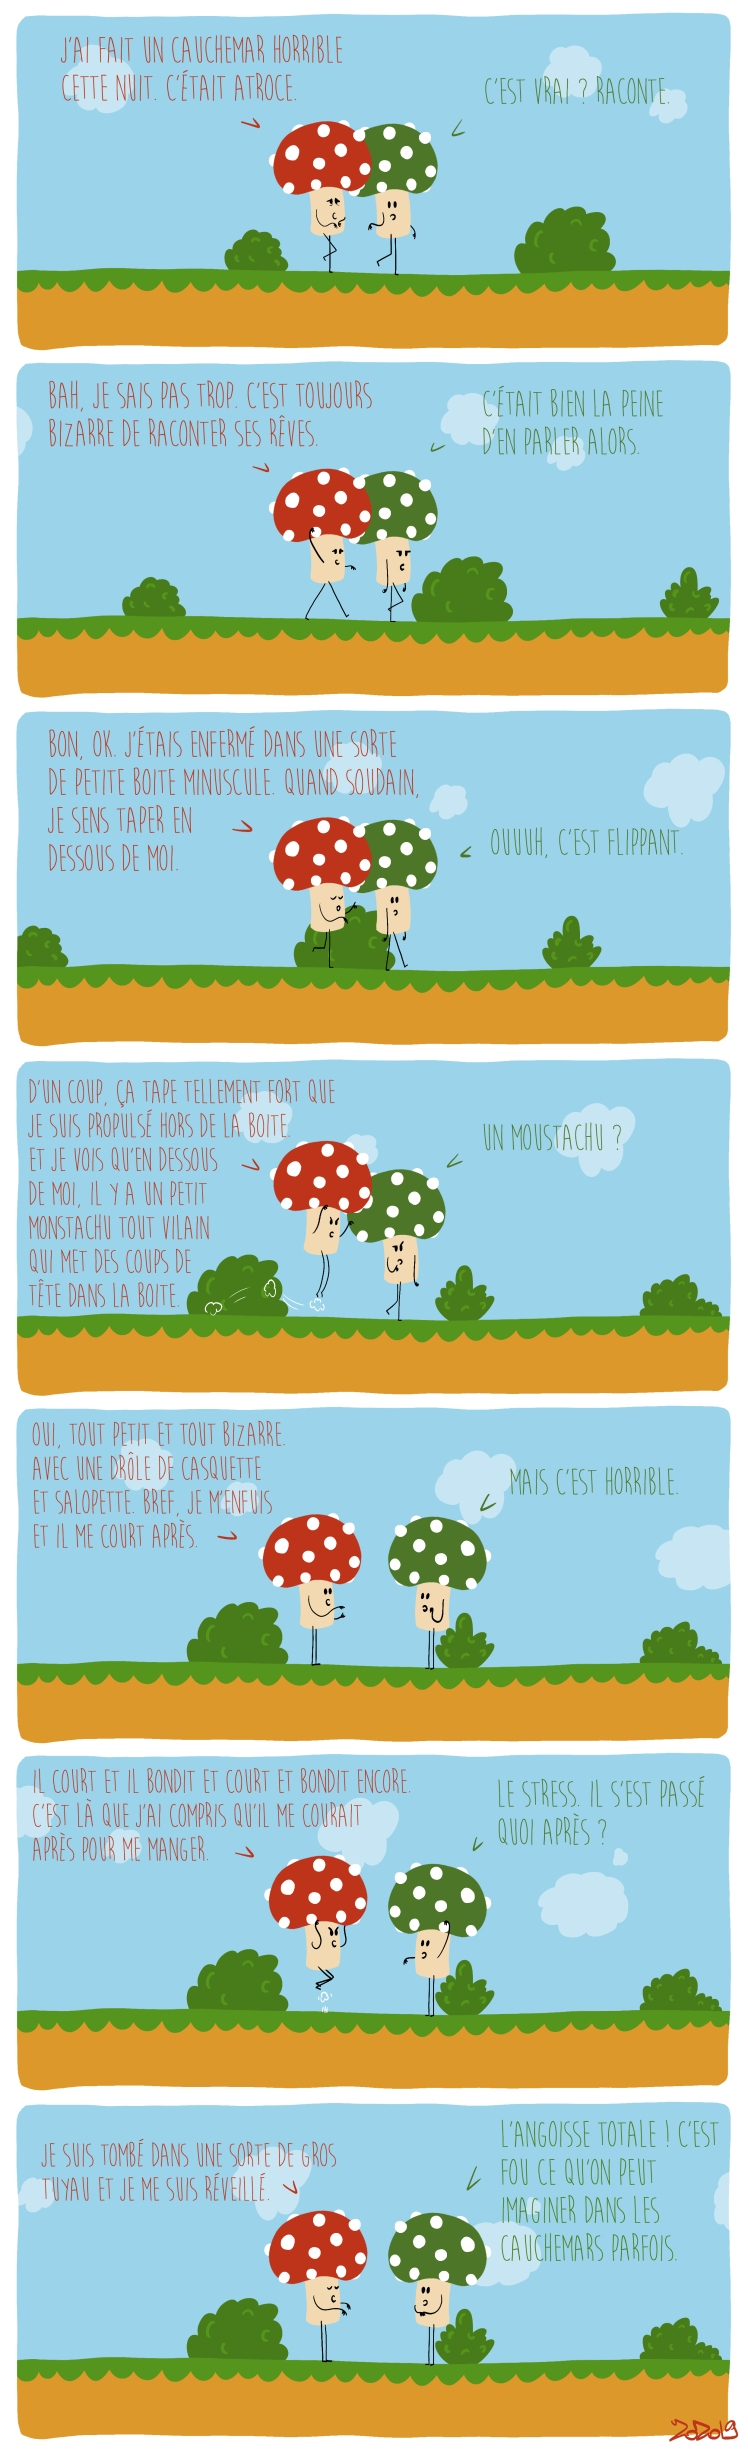 111 - À quoi rêvent les champignons ?